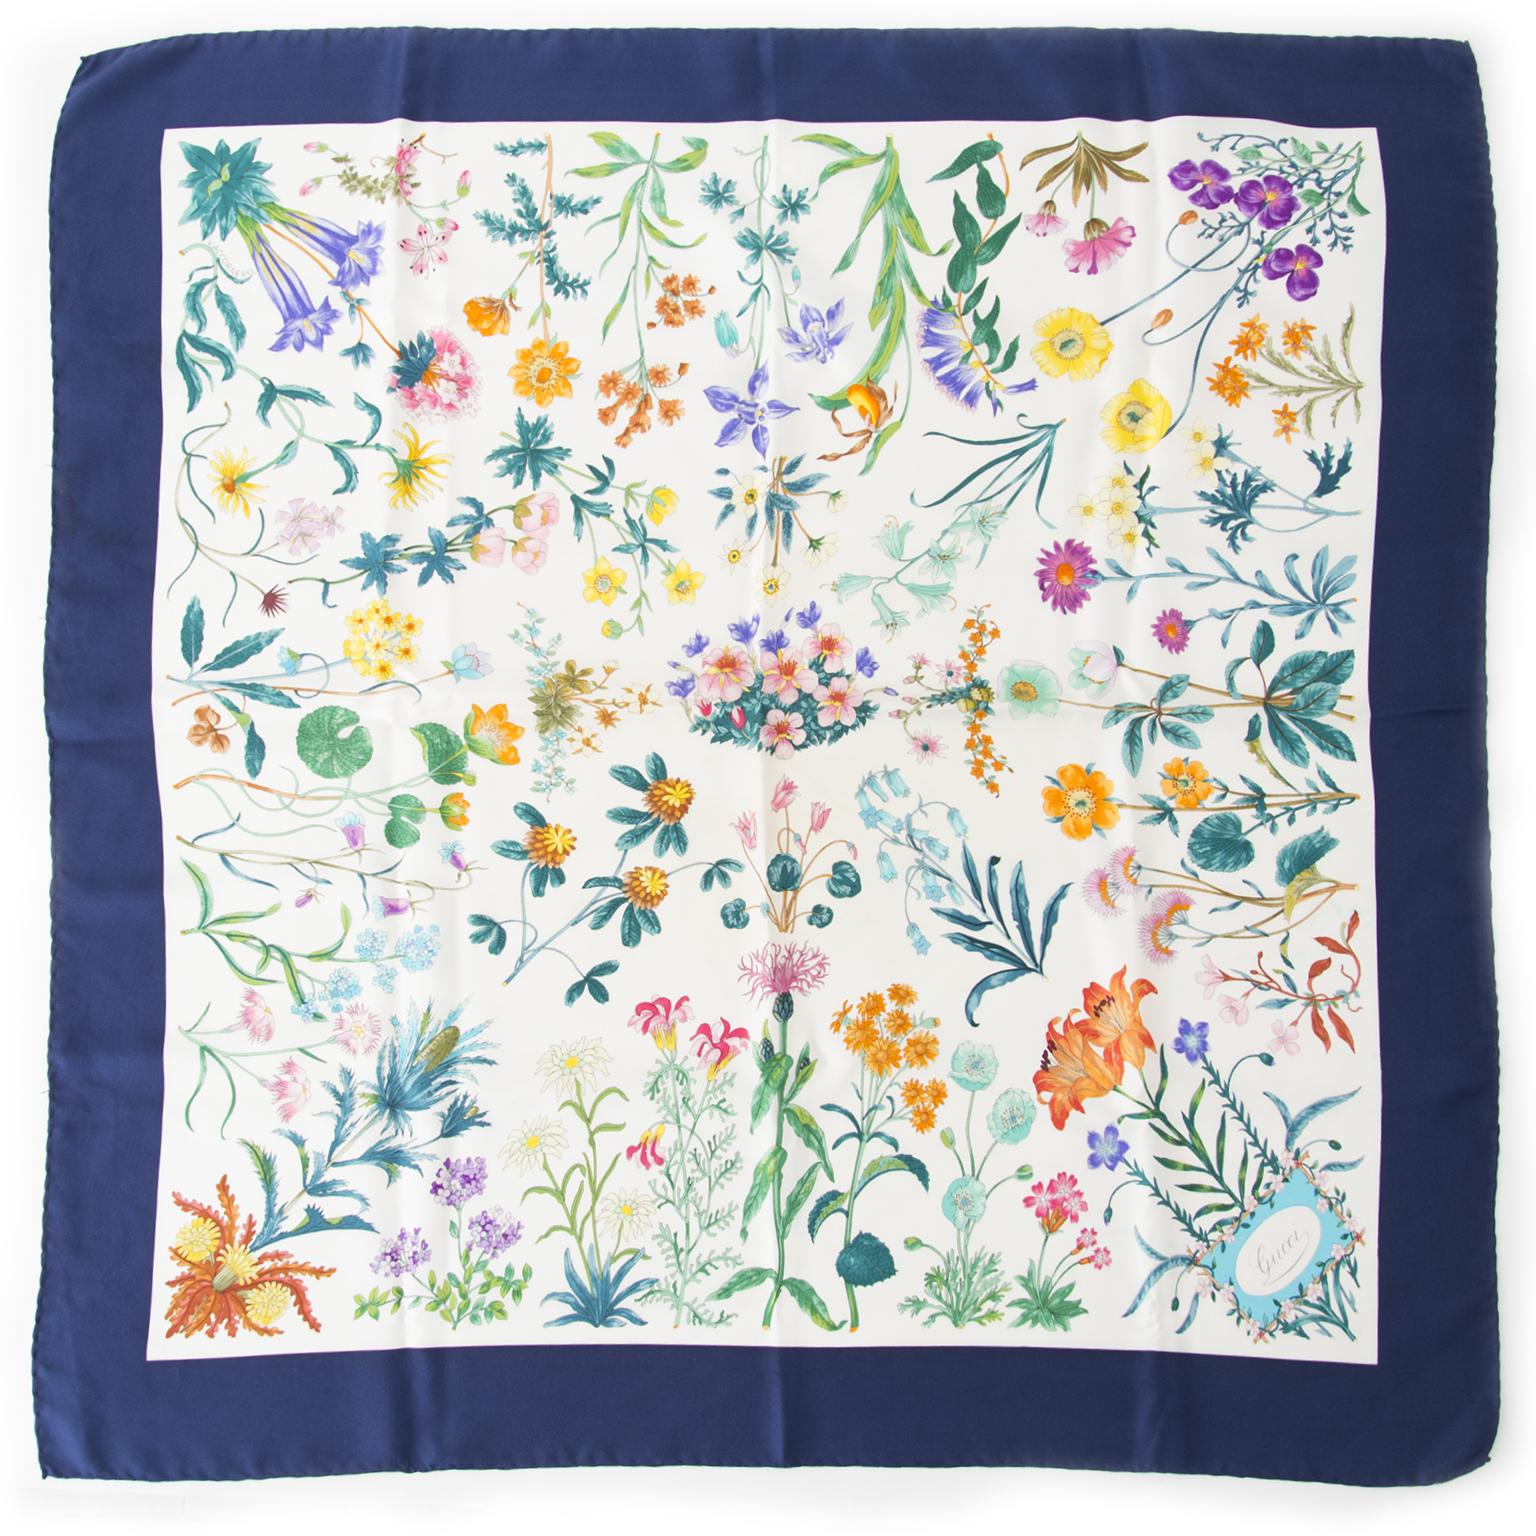 Koop en verkoop uw authentieke Gucci items zoals deze Gucci Dark Blue Flora Silk Scarf aan de beste prijs